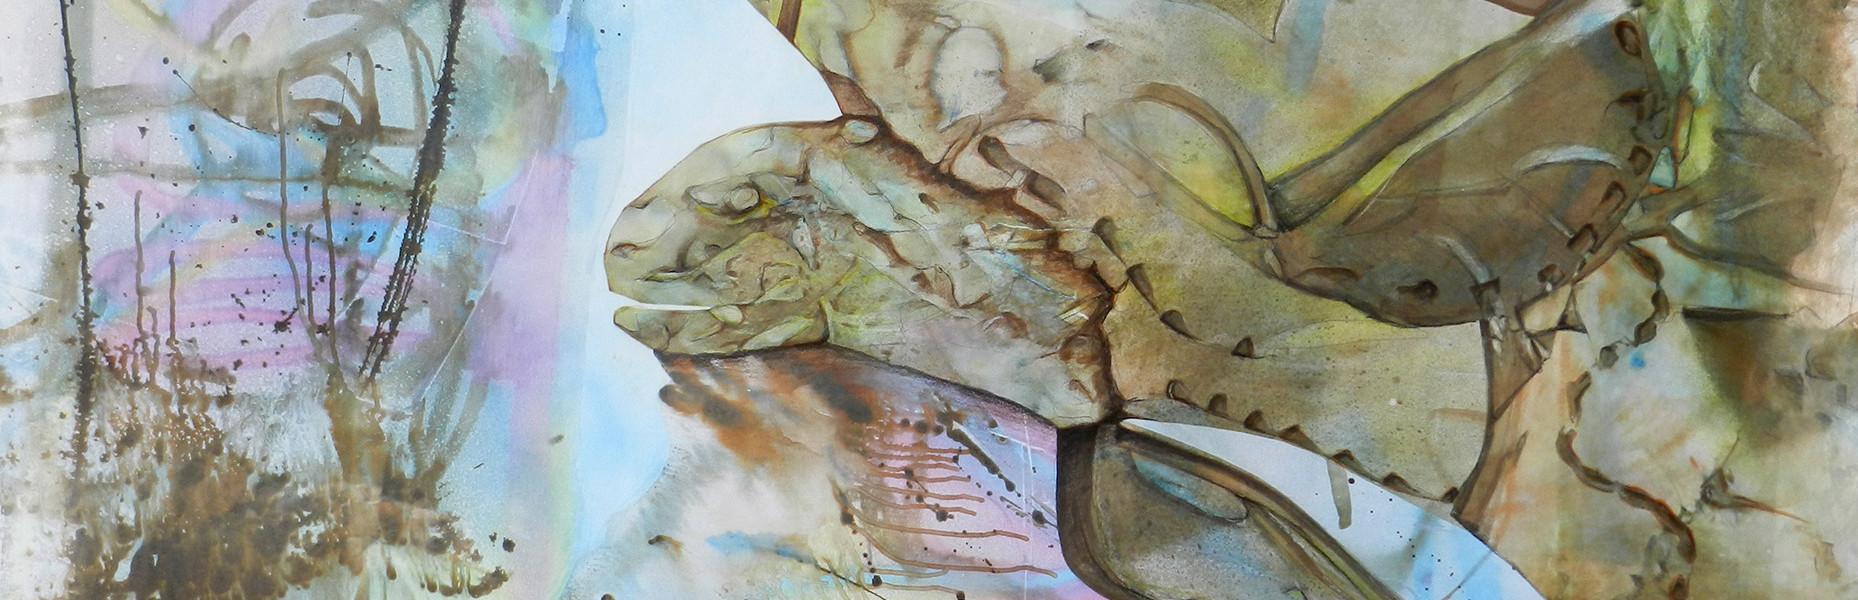 Gardienne du marais image paul duval artiste Sherbrooke Québec dessin à la poudre photocopieur